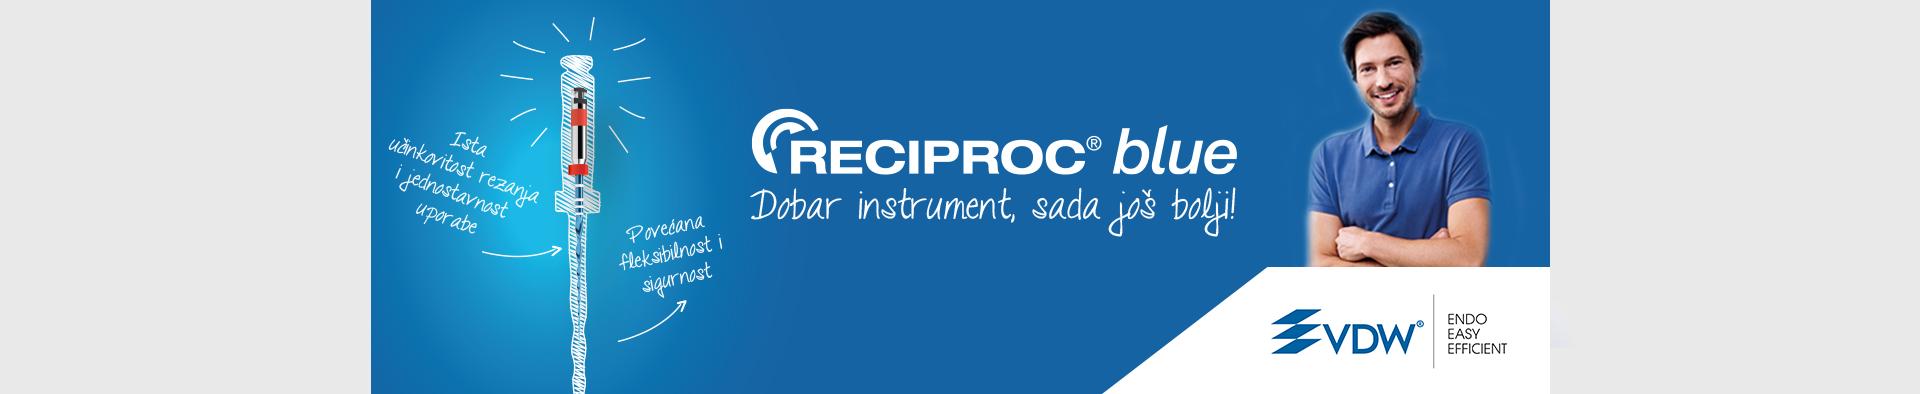 apolonia_reciproc_blue